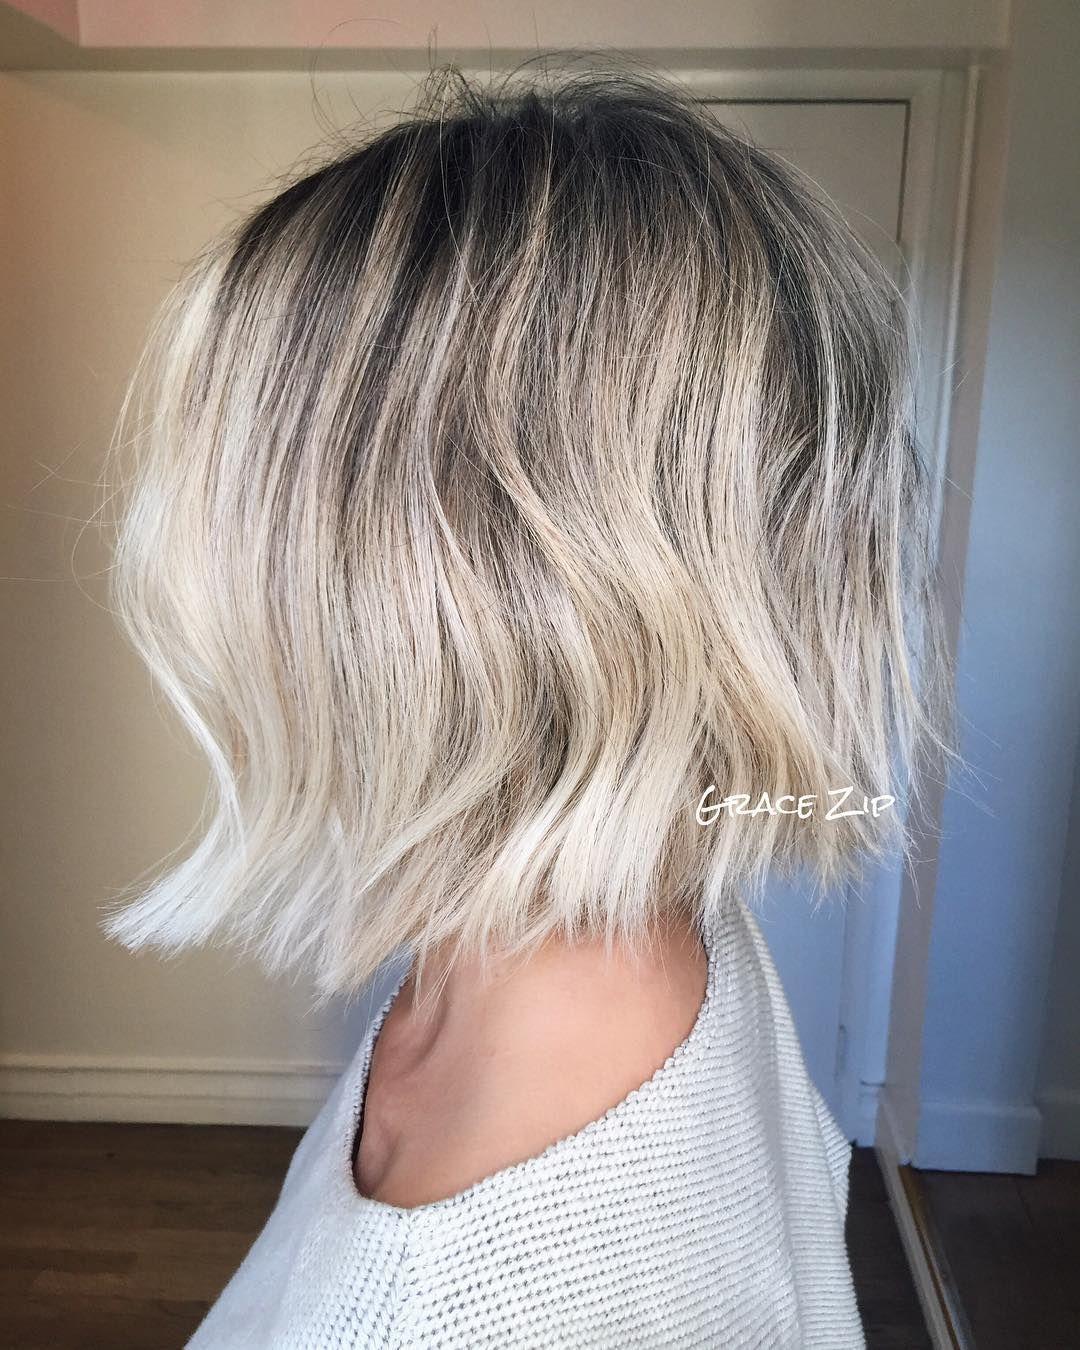 Icy Platinum Blonde Hair Color Platinum Blonde Hair Color Icy Blonde Hair Hair Styles